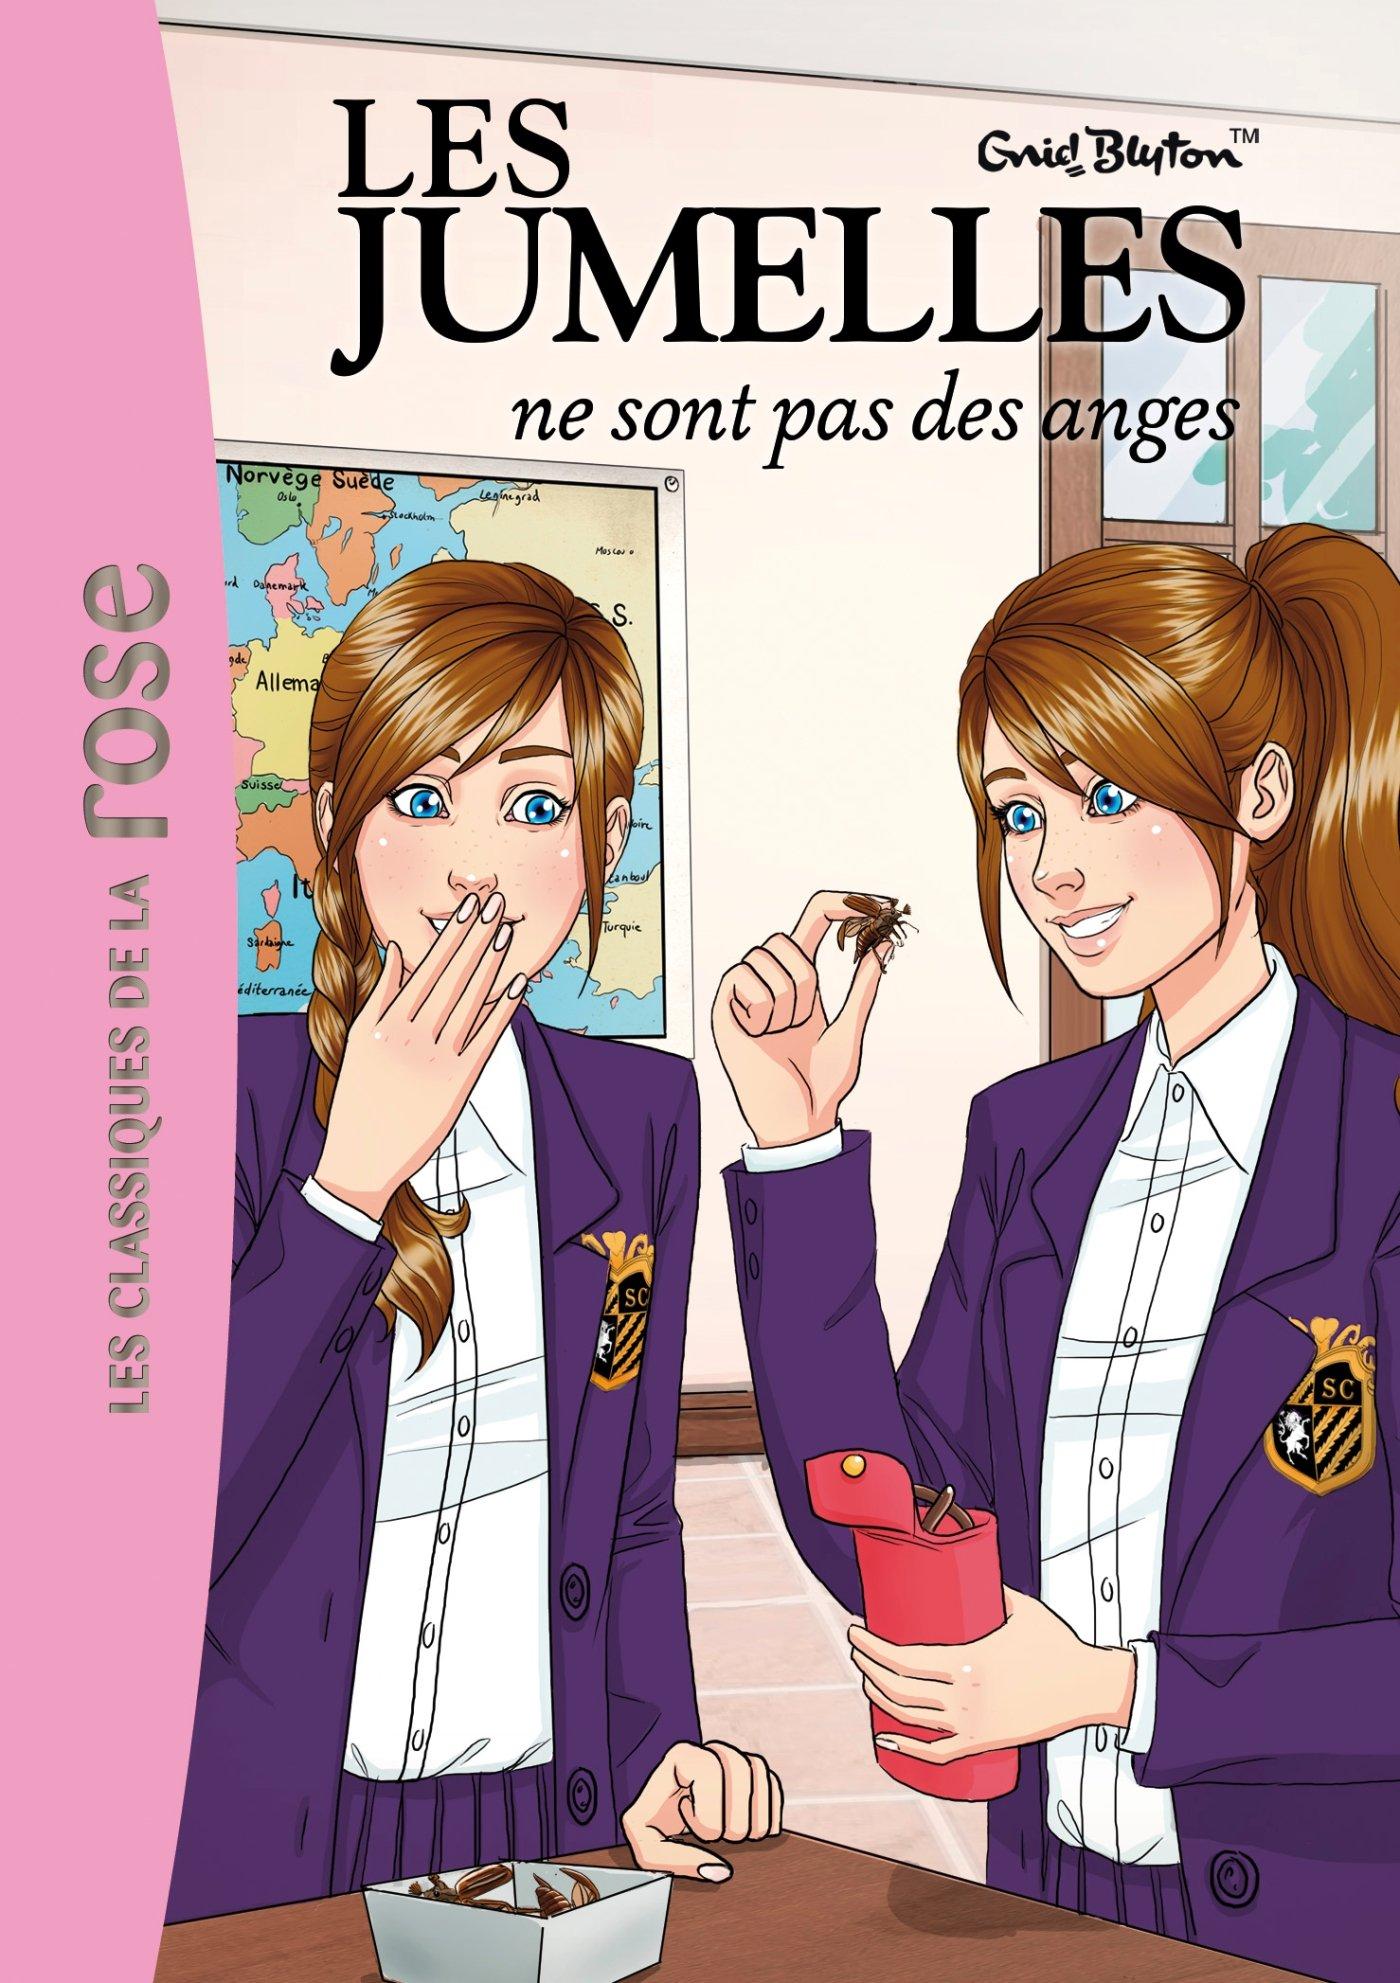 Les jumelles, Tome 2 : Les jumelles ne sont pas des anges